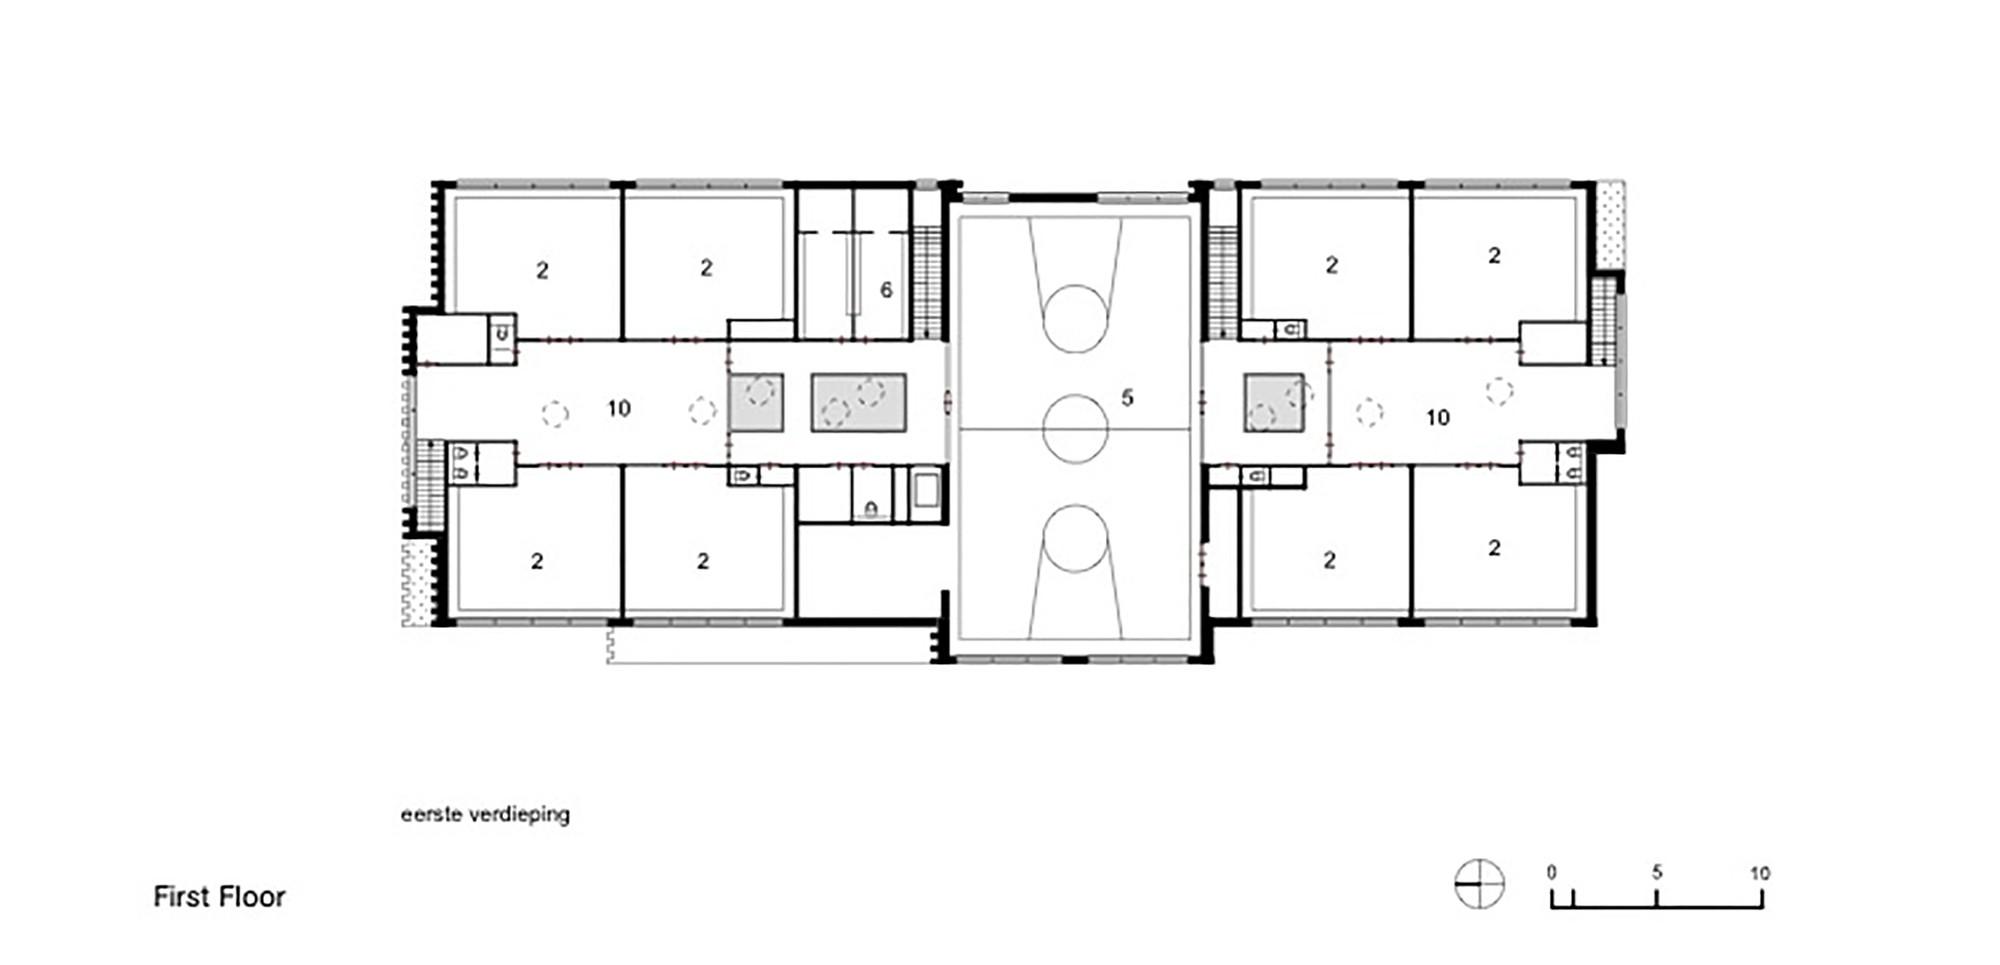 Desenhar Planta Baixa Gratis Escola Montessoriana Waalsdorp De Zwarte Hond